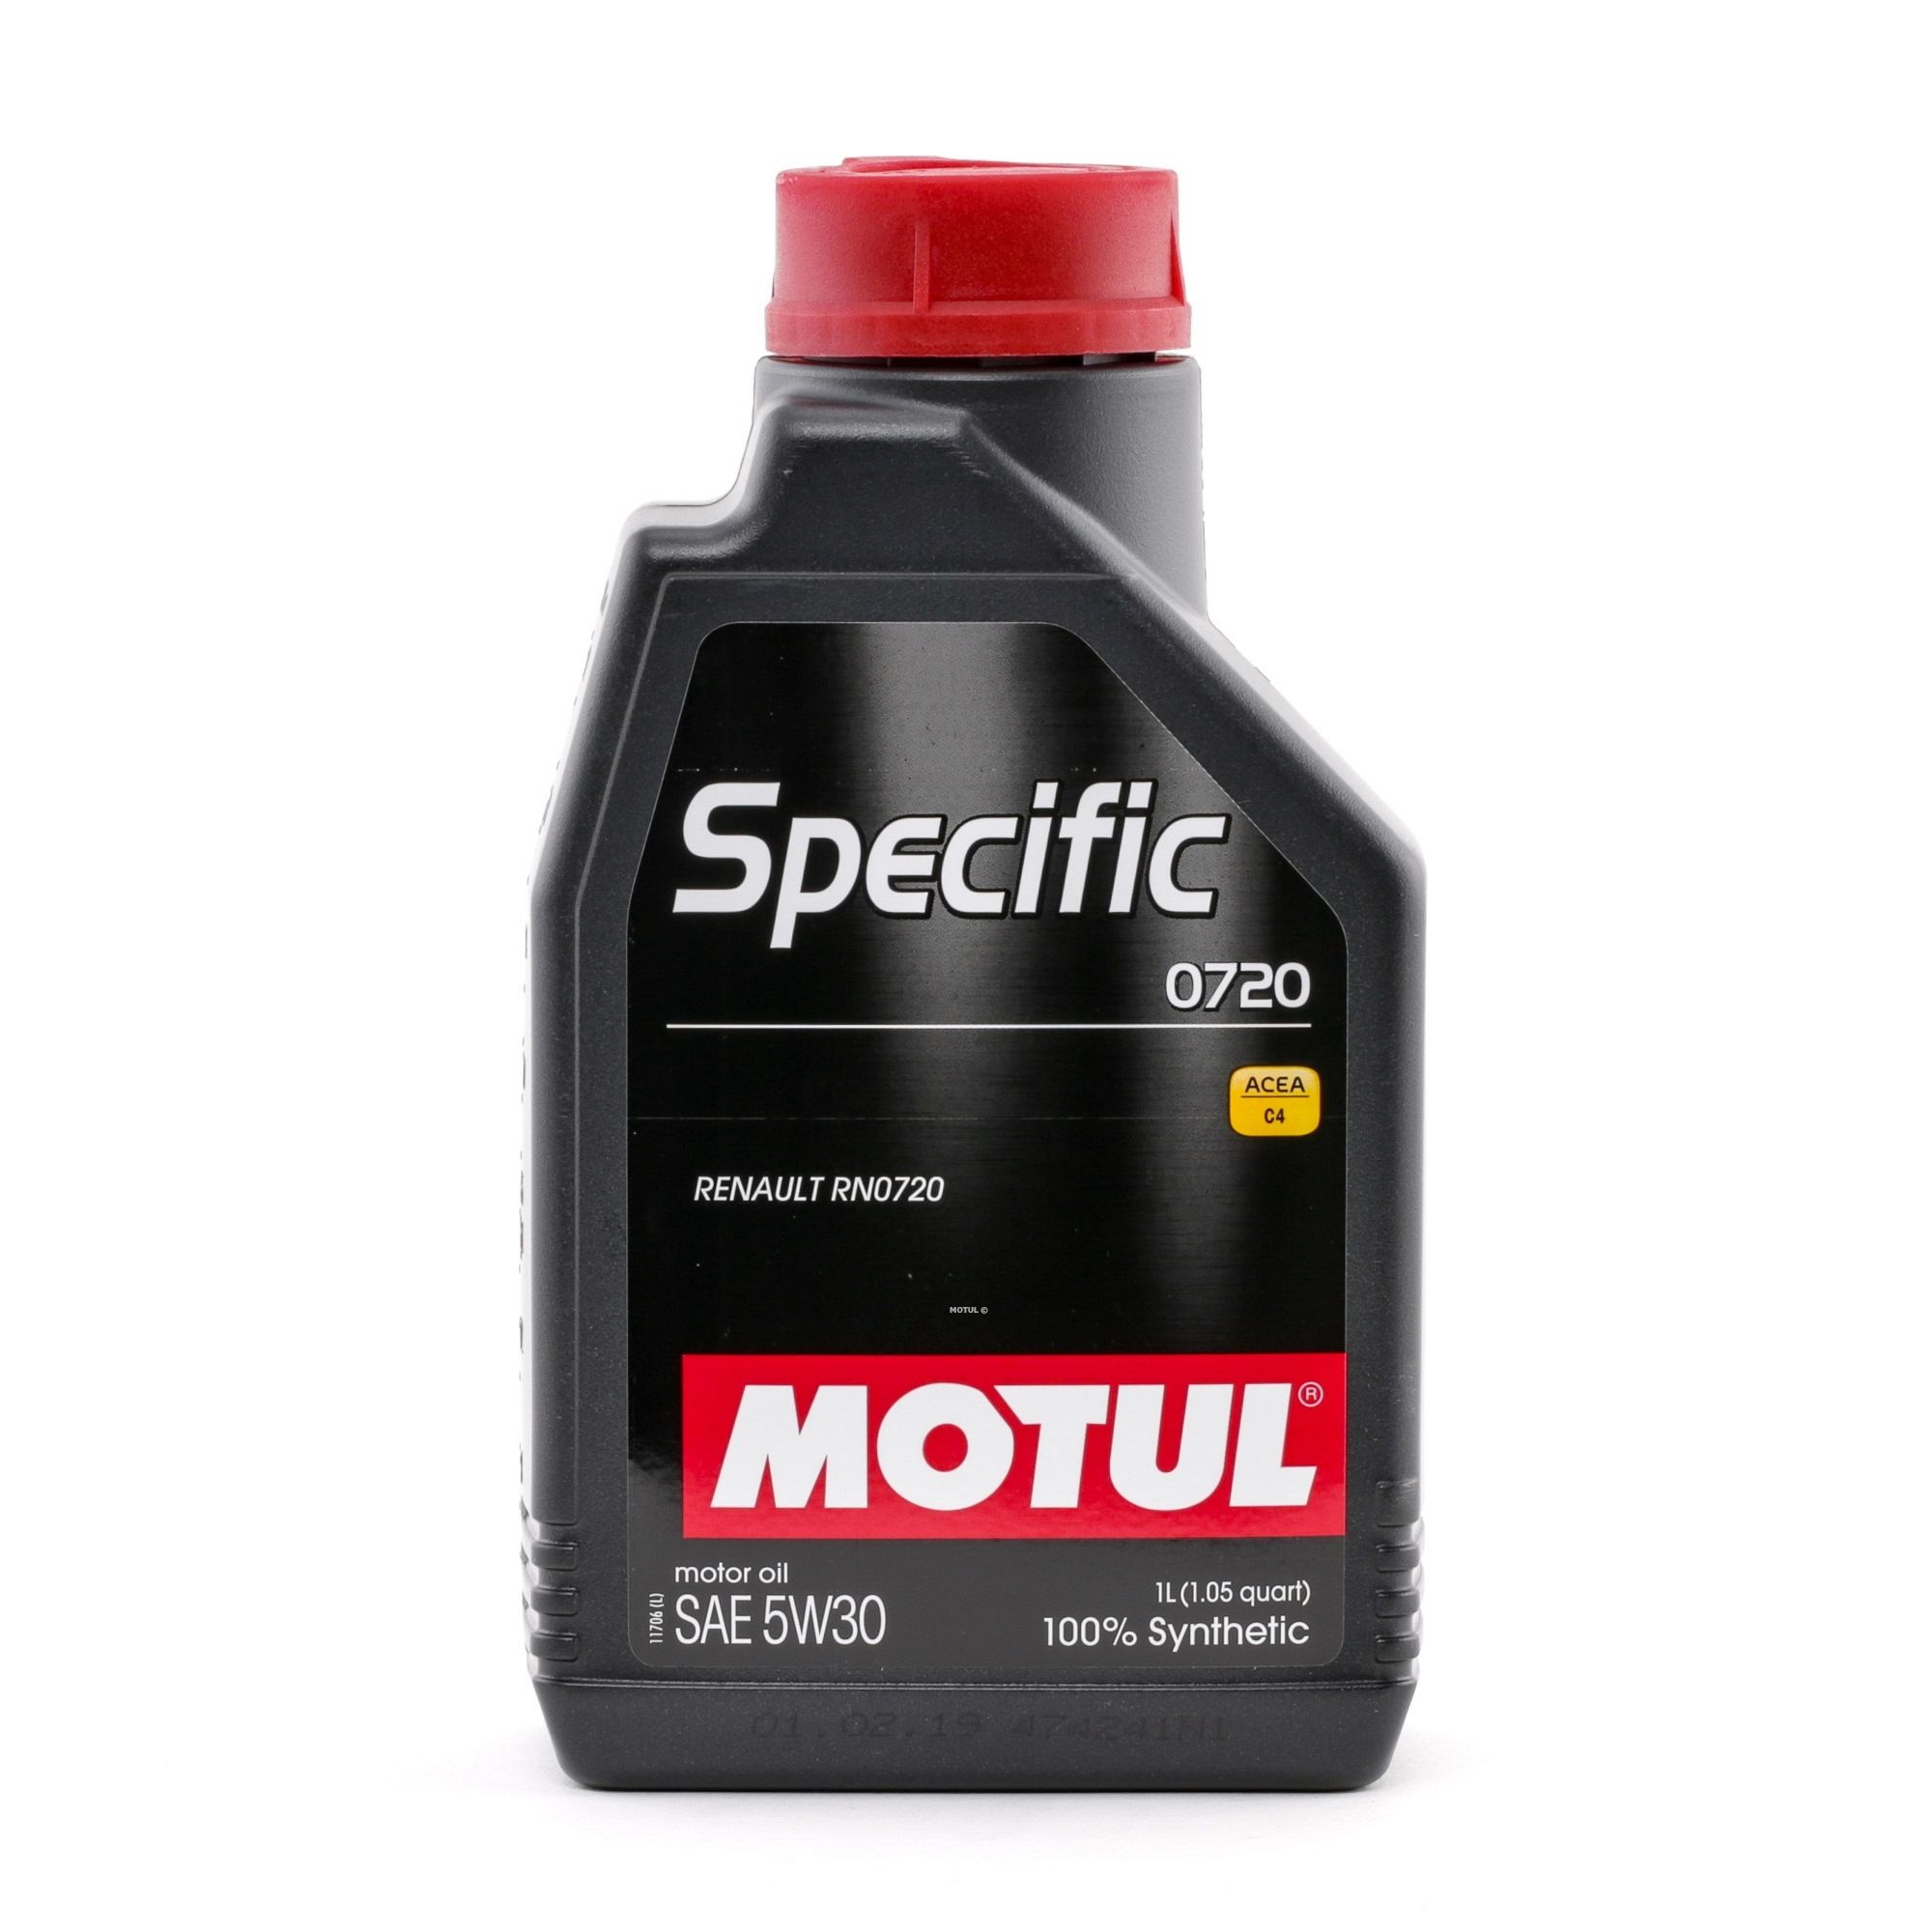 Achetez Huile moteur MOTUL 102208 () à un rapport qualité-prix exceptionnel